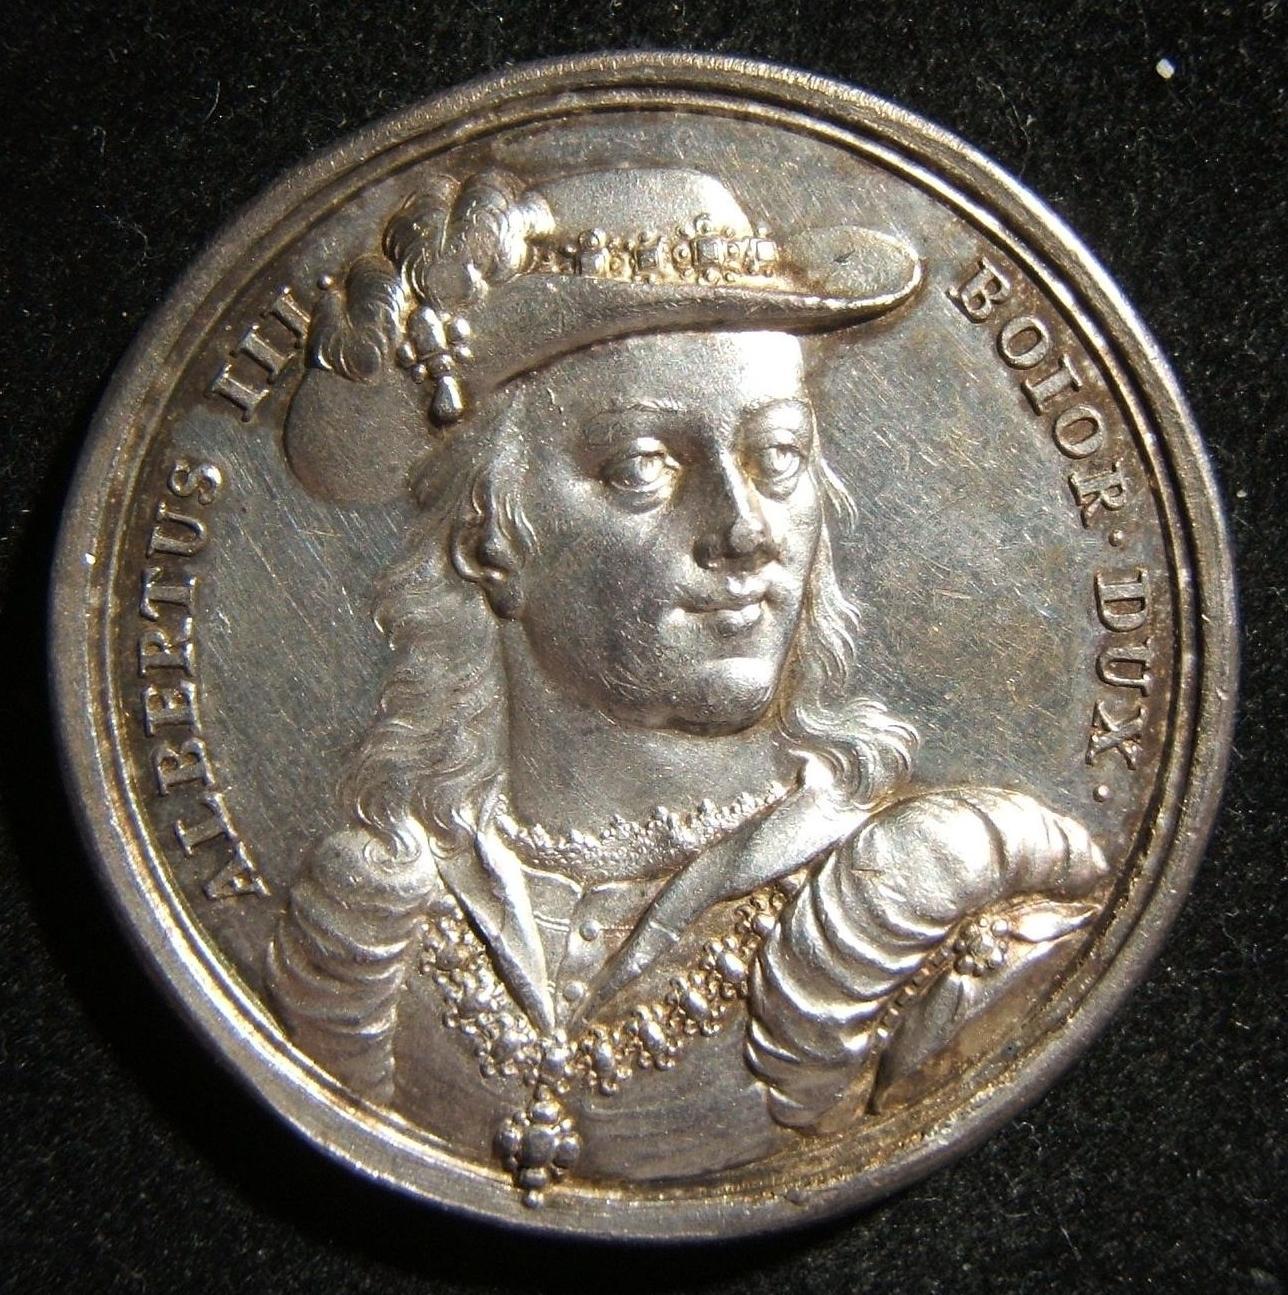 Deutschland > Bayern: Doppelgeprägte Huldigung-Silbermedaille zur Anerkennung des Albrecht (Albert) III des Frommen, Herzog von Bayern-München, von Franz Andreas Schega (1711-1787)